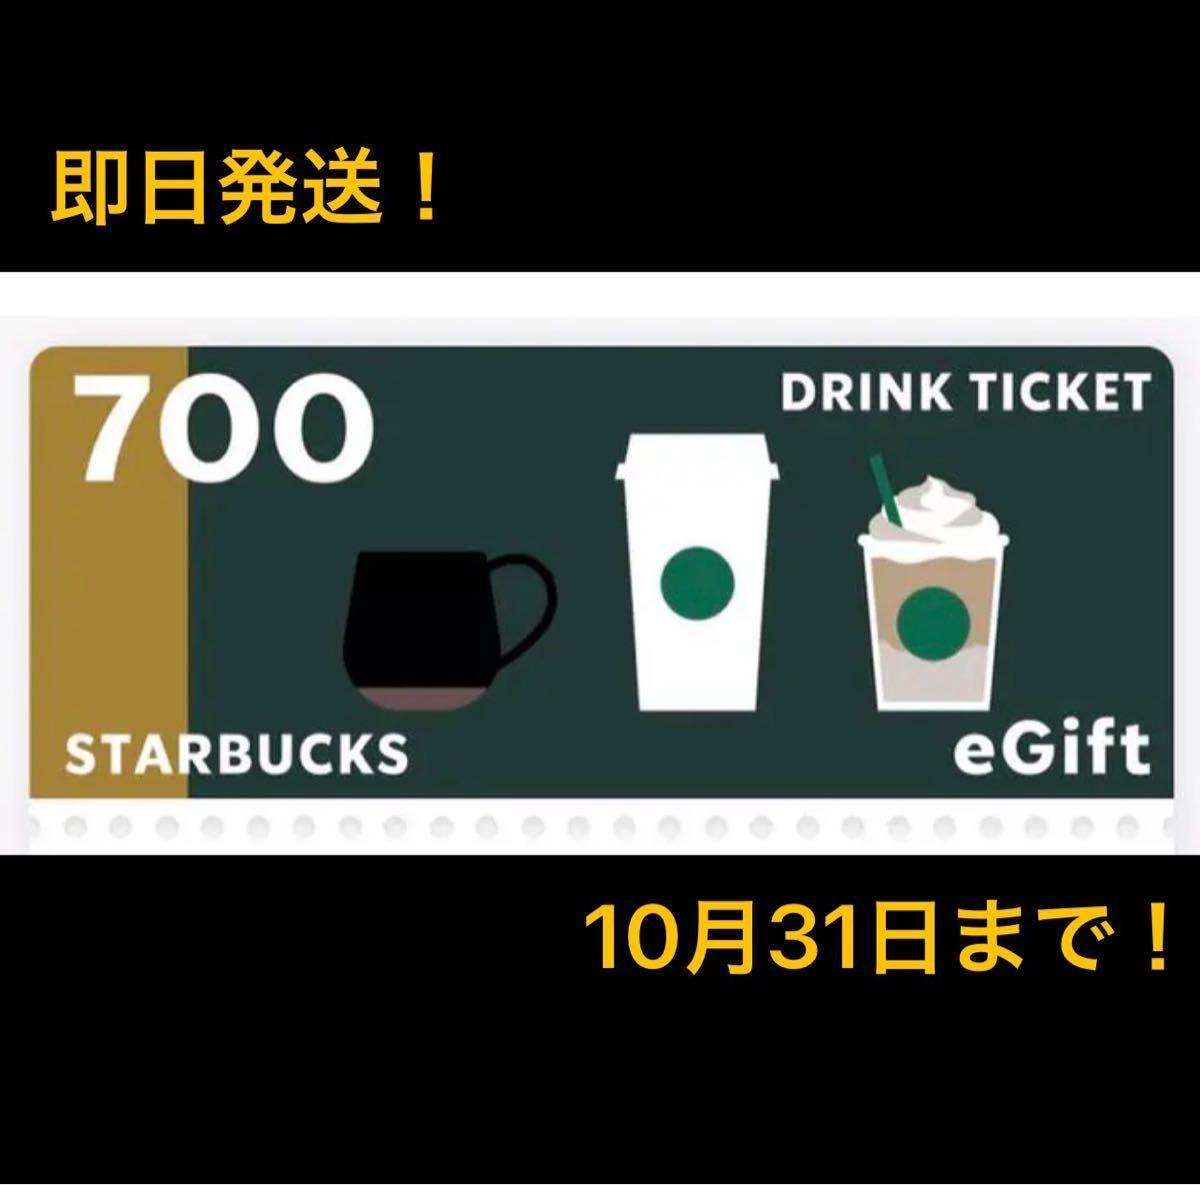 スターバックスドリンクチケット 700円 3枚_画像1